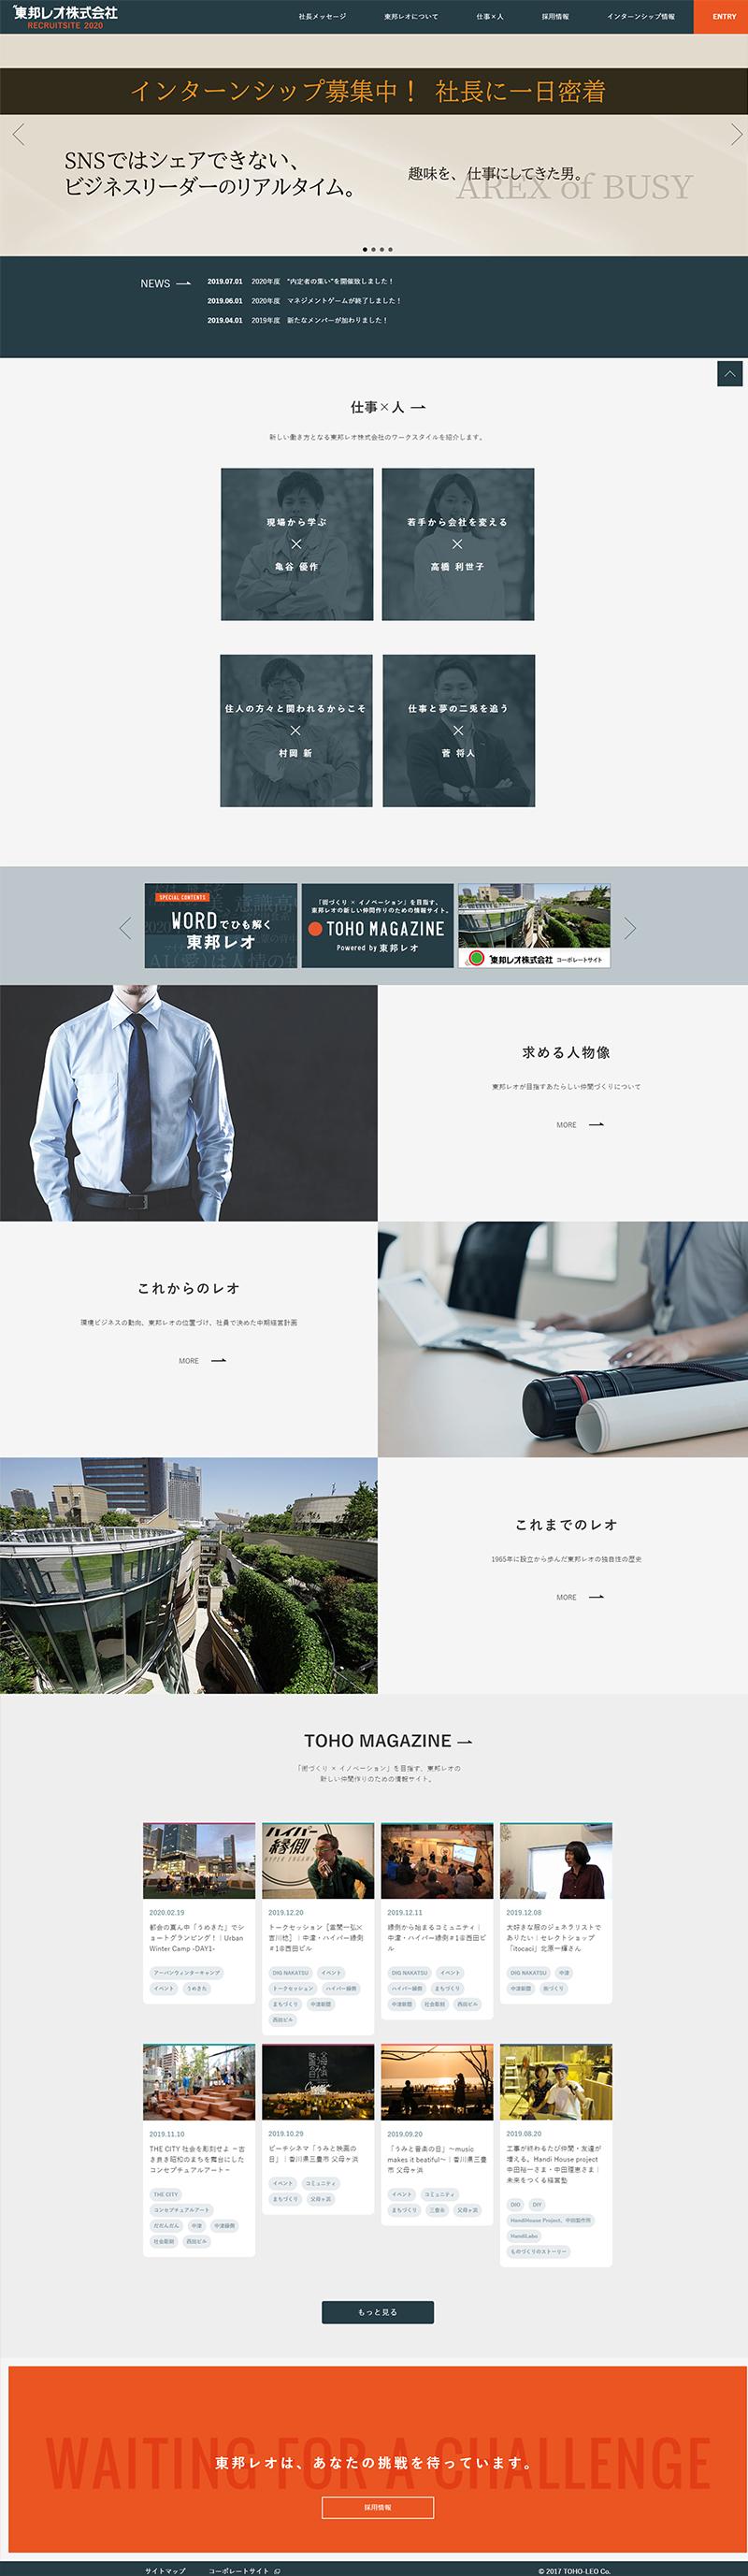 ホームページ制作実績東邦レオ株式会社様 リクルートサイト